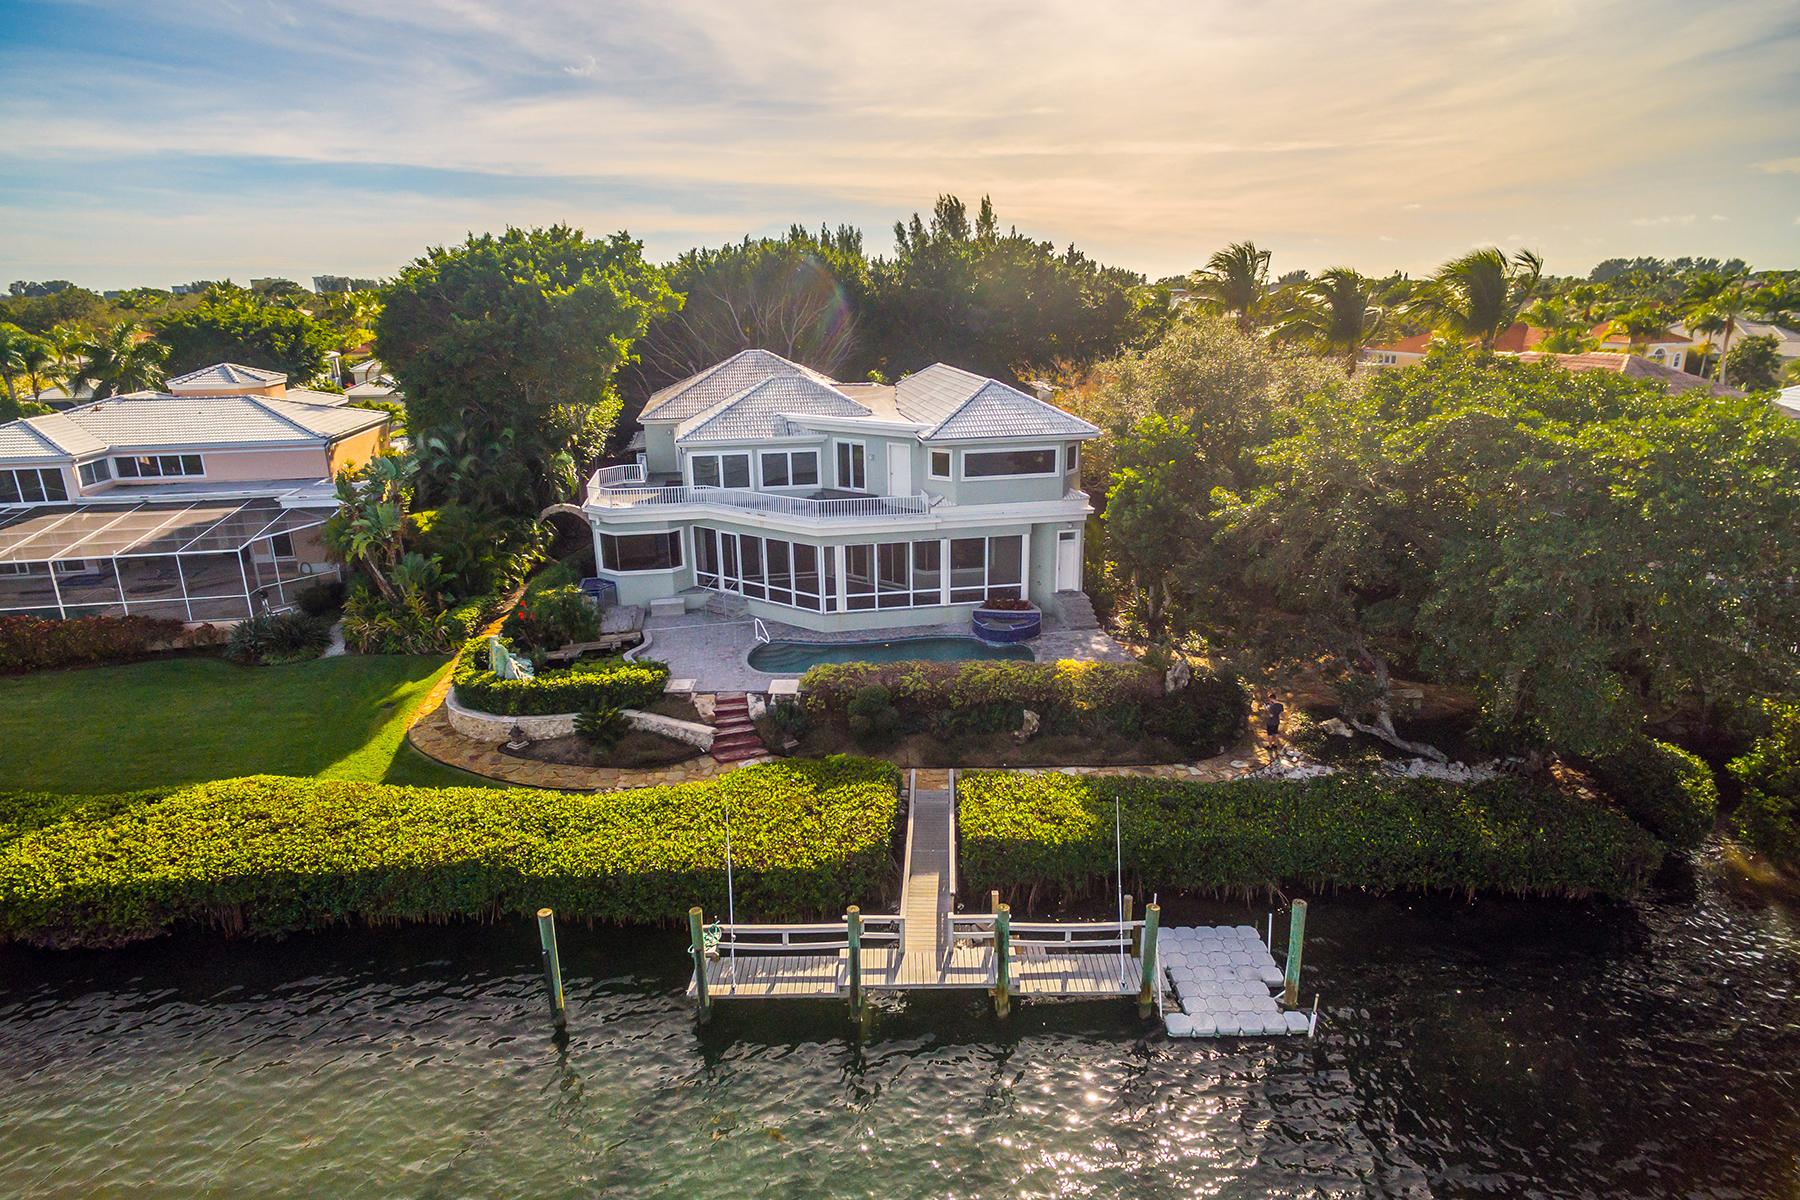 Casa Unifamiliar por un Venta en COREYS LANDING 3590 Mistletoe Ln Longboat Key, Florida, 34228 Estados Unidos